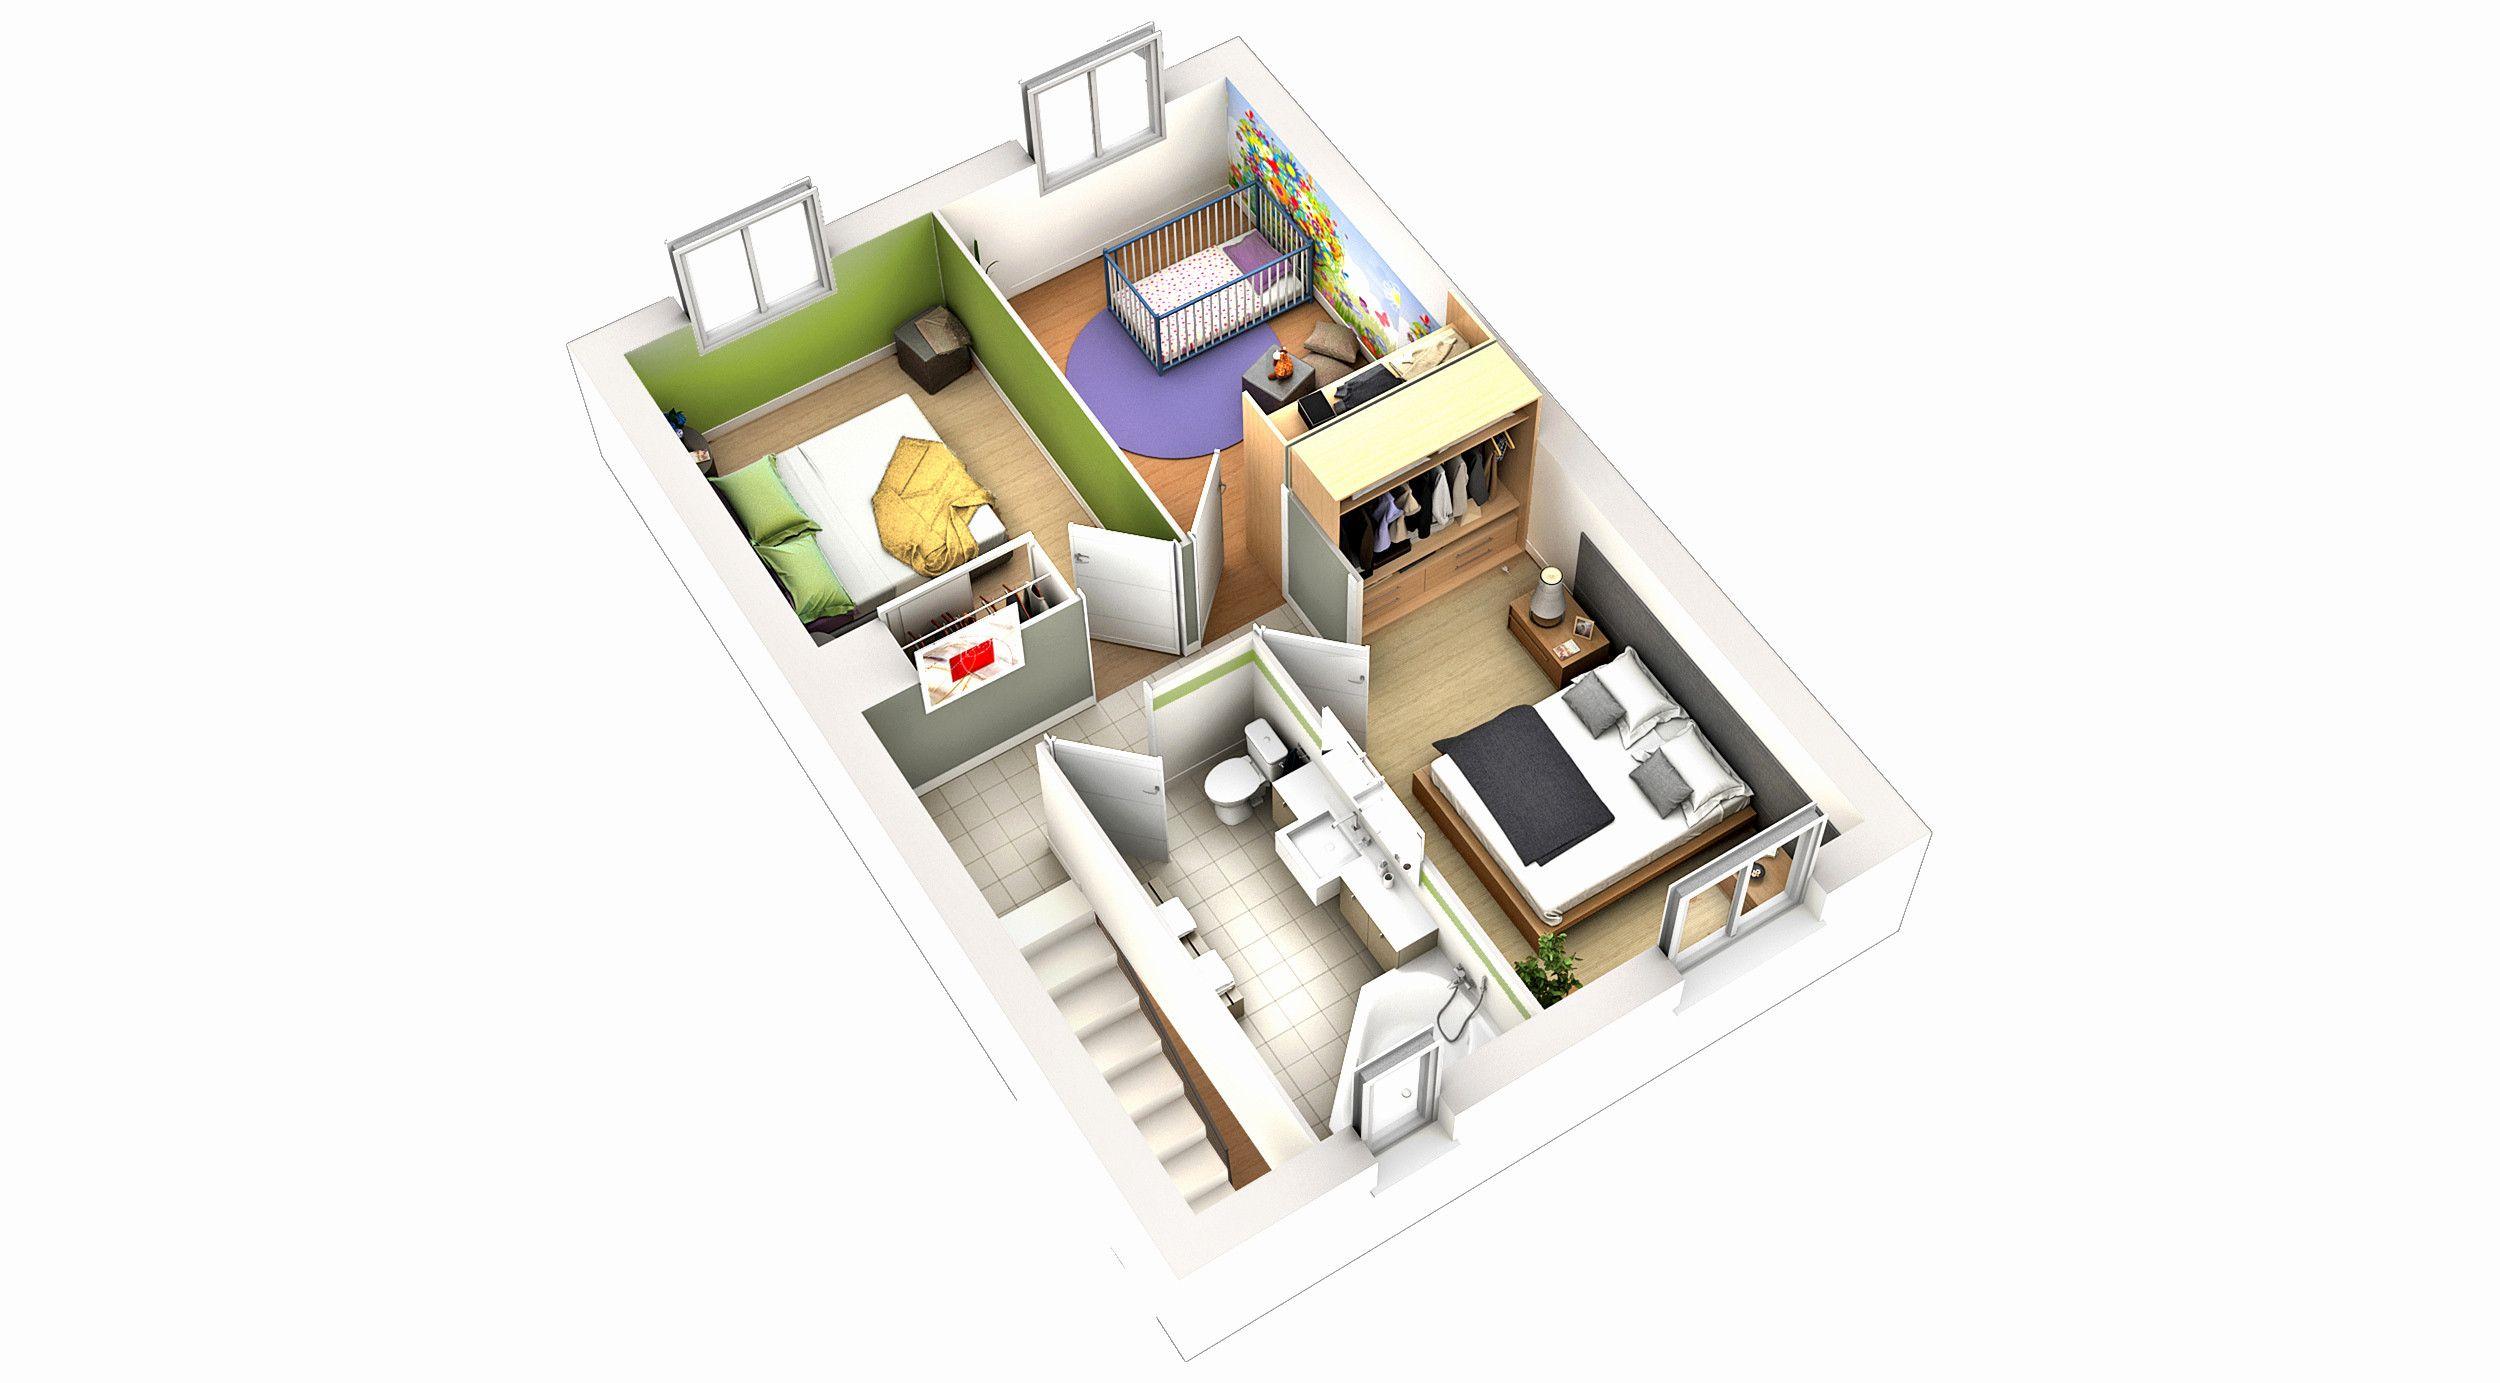 Architecte Interieur 3D Gratuit new logiciel d architecture 3d gratuit | logiciel